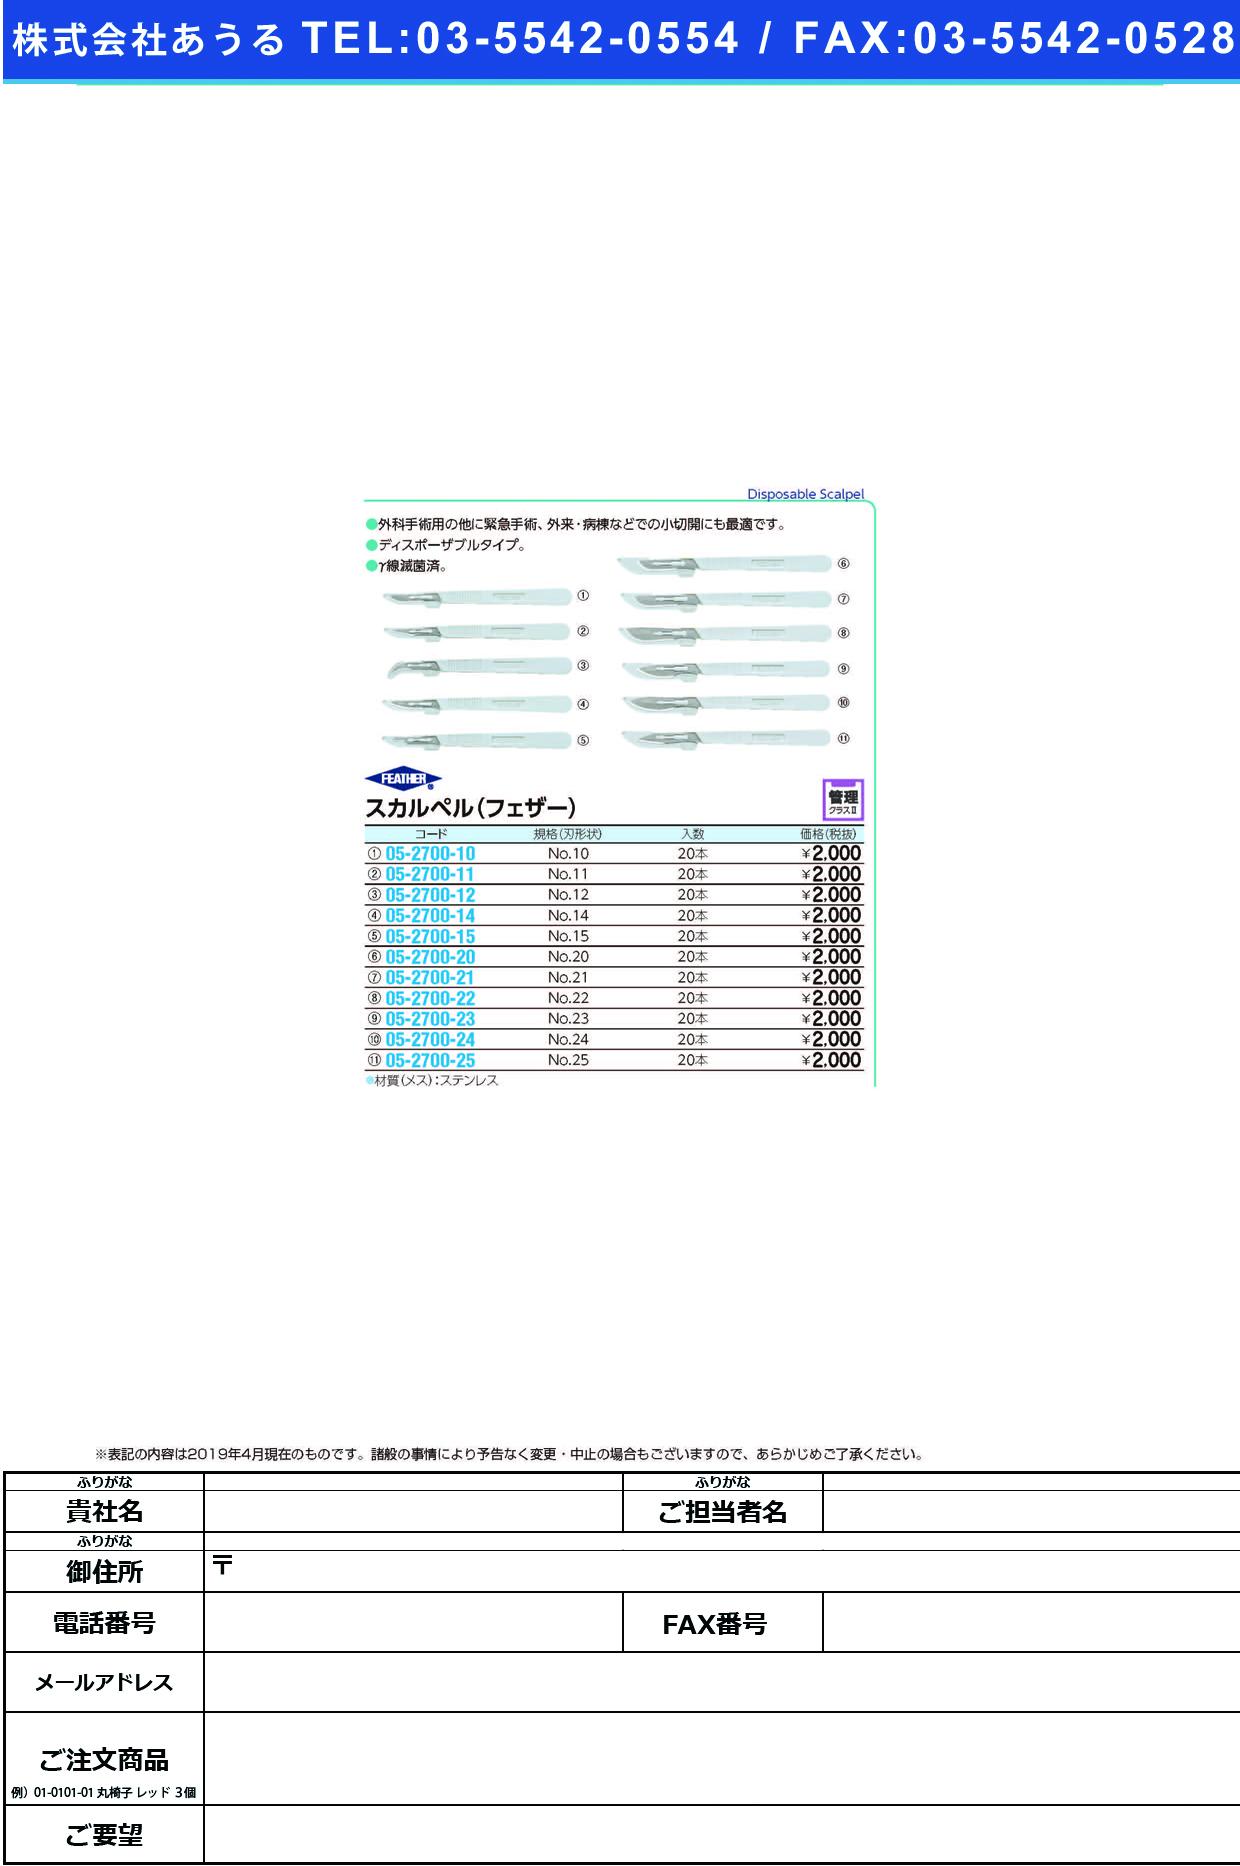 (05-2700-11)スカルペル(フェザー)20本入 NO.11 スカルペル(フェザー)20ポンイリ(フェザー安全剃刀)【1箱単位】【2019年カタログ商品】